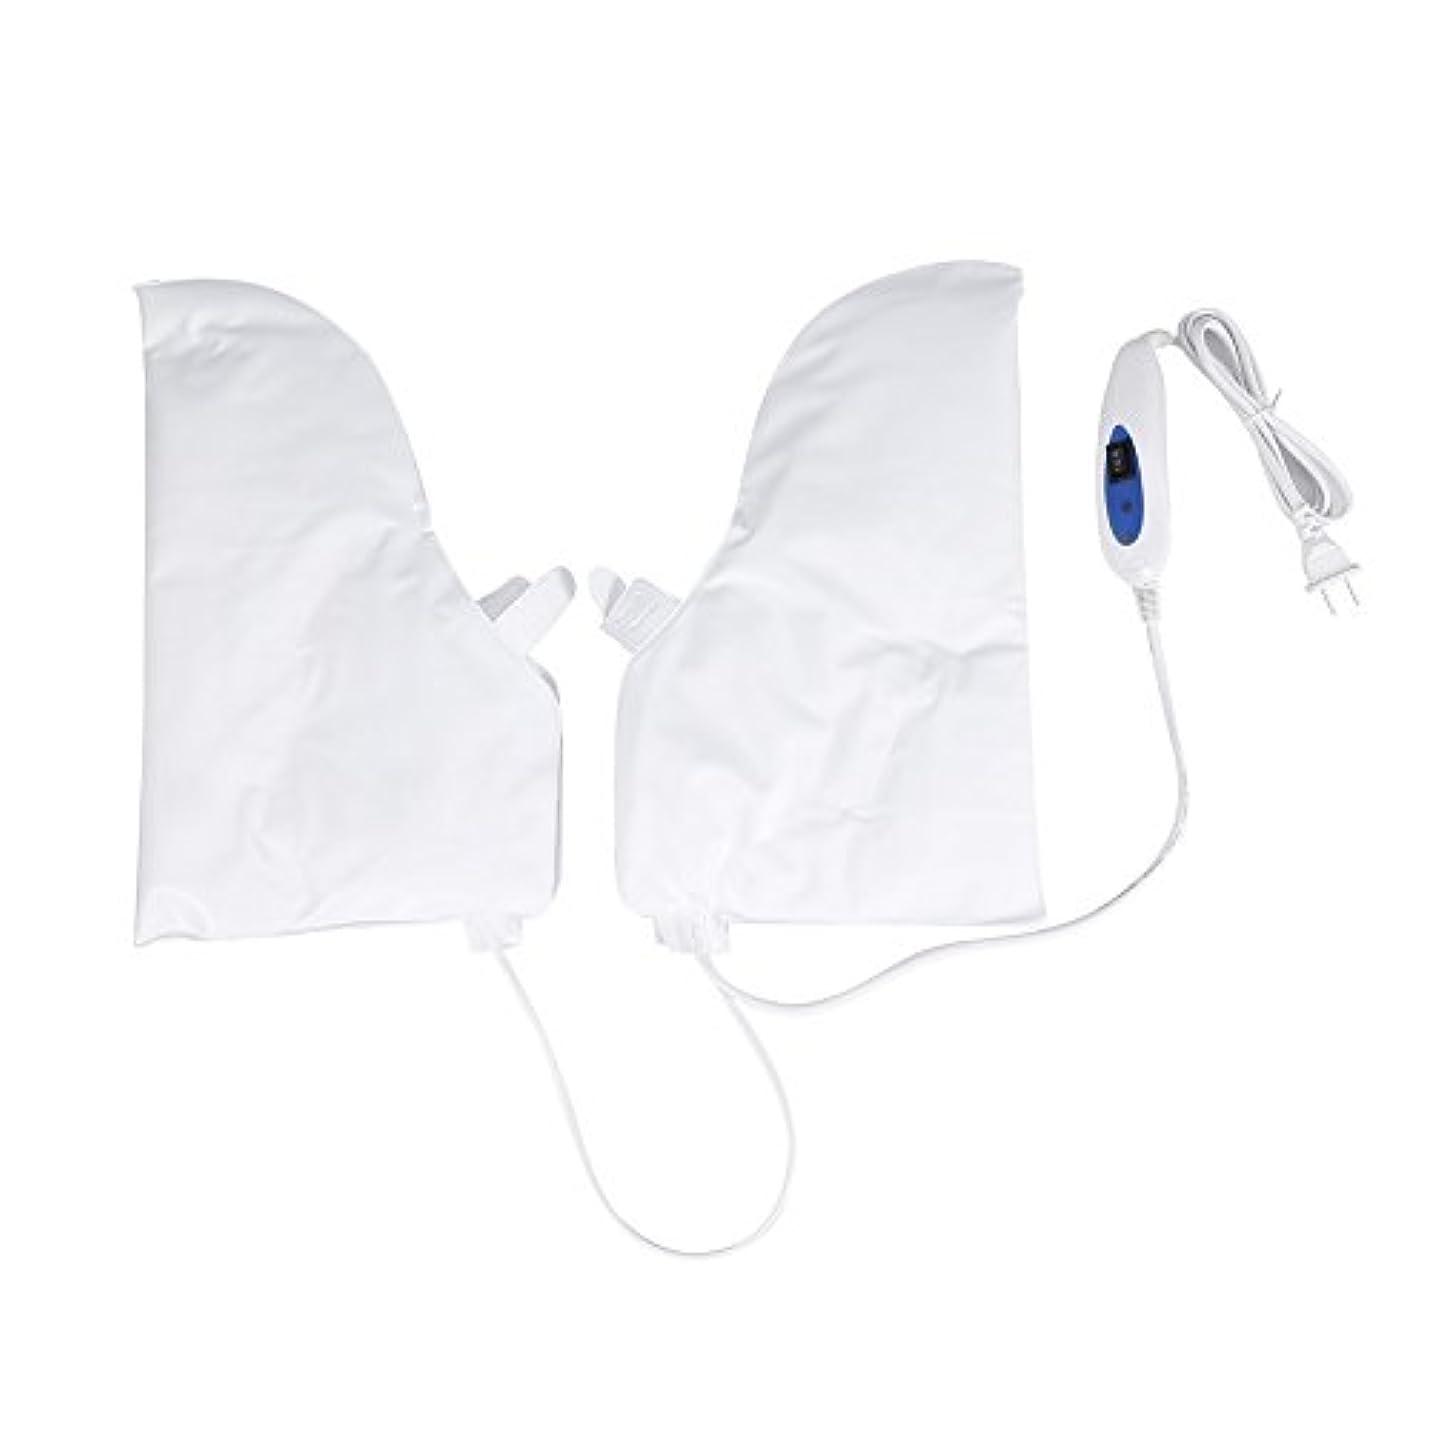 戻るパトロン平行蒸し手袋 ハンドマスク 保湿グローブ 電熱手袋 ヒートグローブ 加熱式 電熱 手ケア ハンドケア 2つ加熱モード 乾燥対策 手荒れ対策 補水 保湿 美白 しっとり 美容 手袋